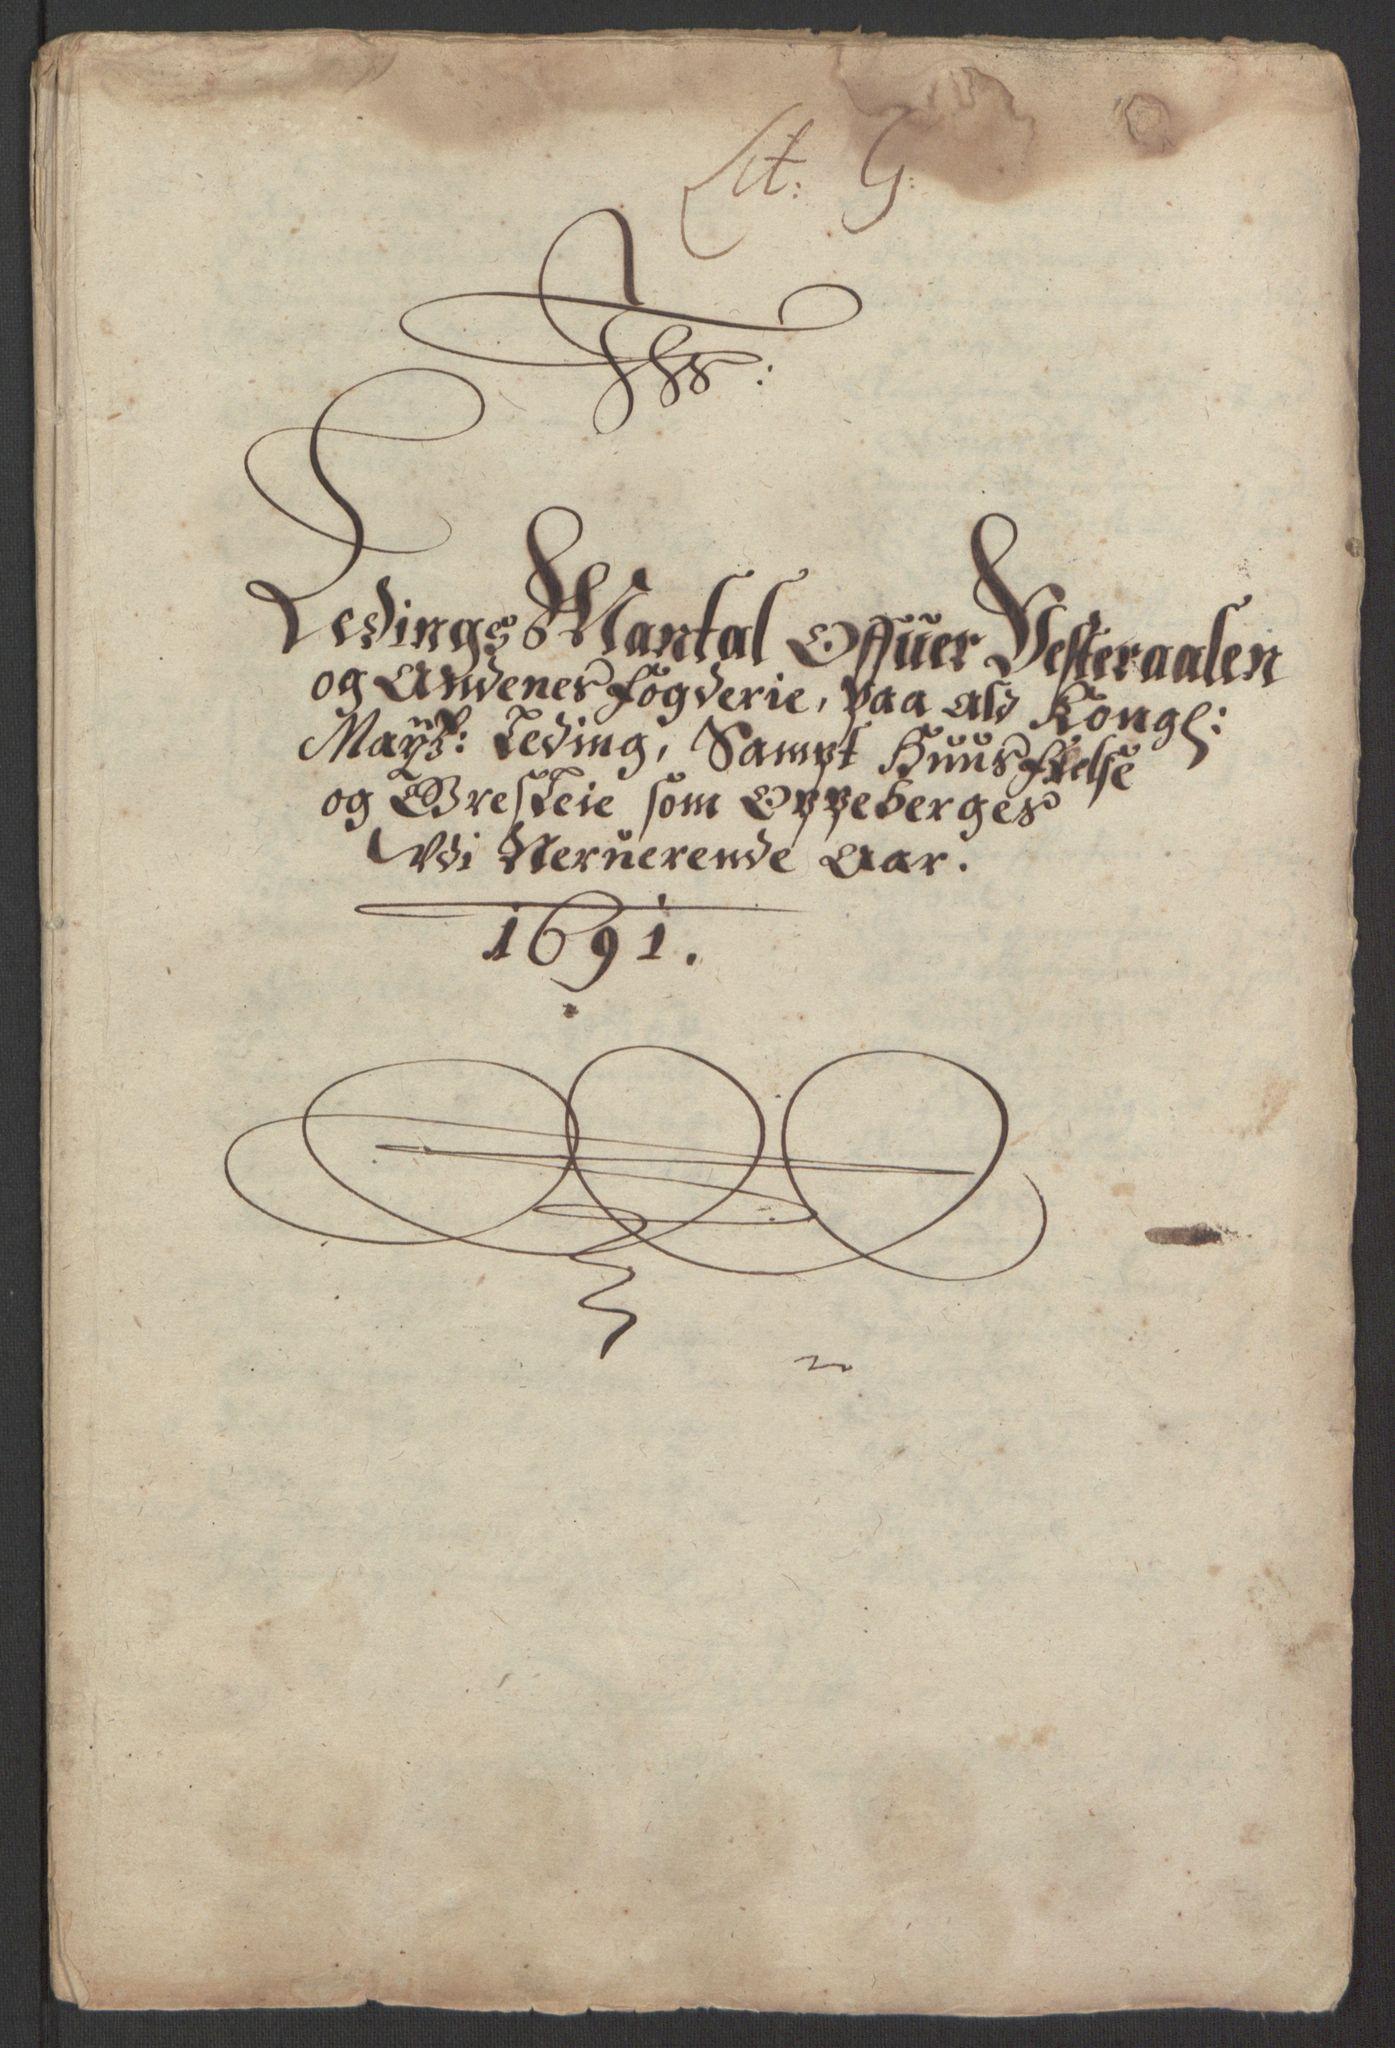 RA, Rentekammeret inntil 1814, Reviderte regnskaper, Fogderegnskap, R67/L4676: Fogderegnskap Vesterålen, Andenes og Lofoten, 1691-1693, s. 55